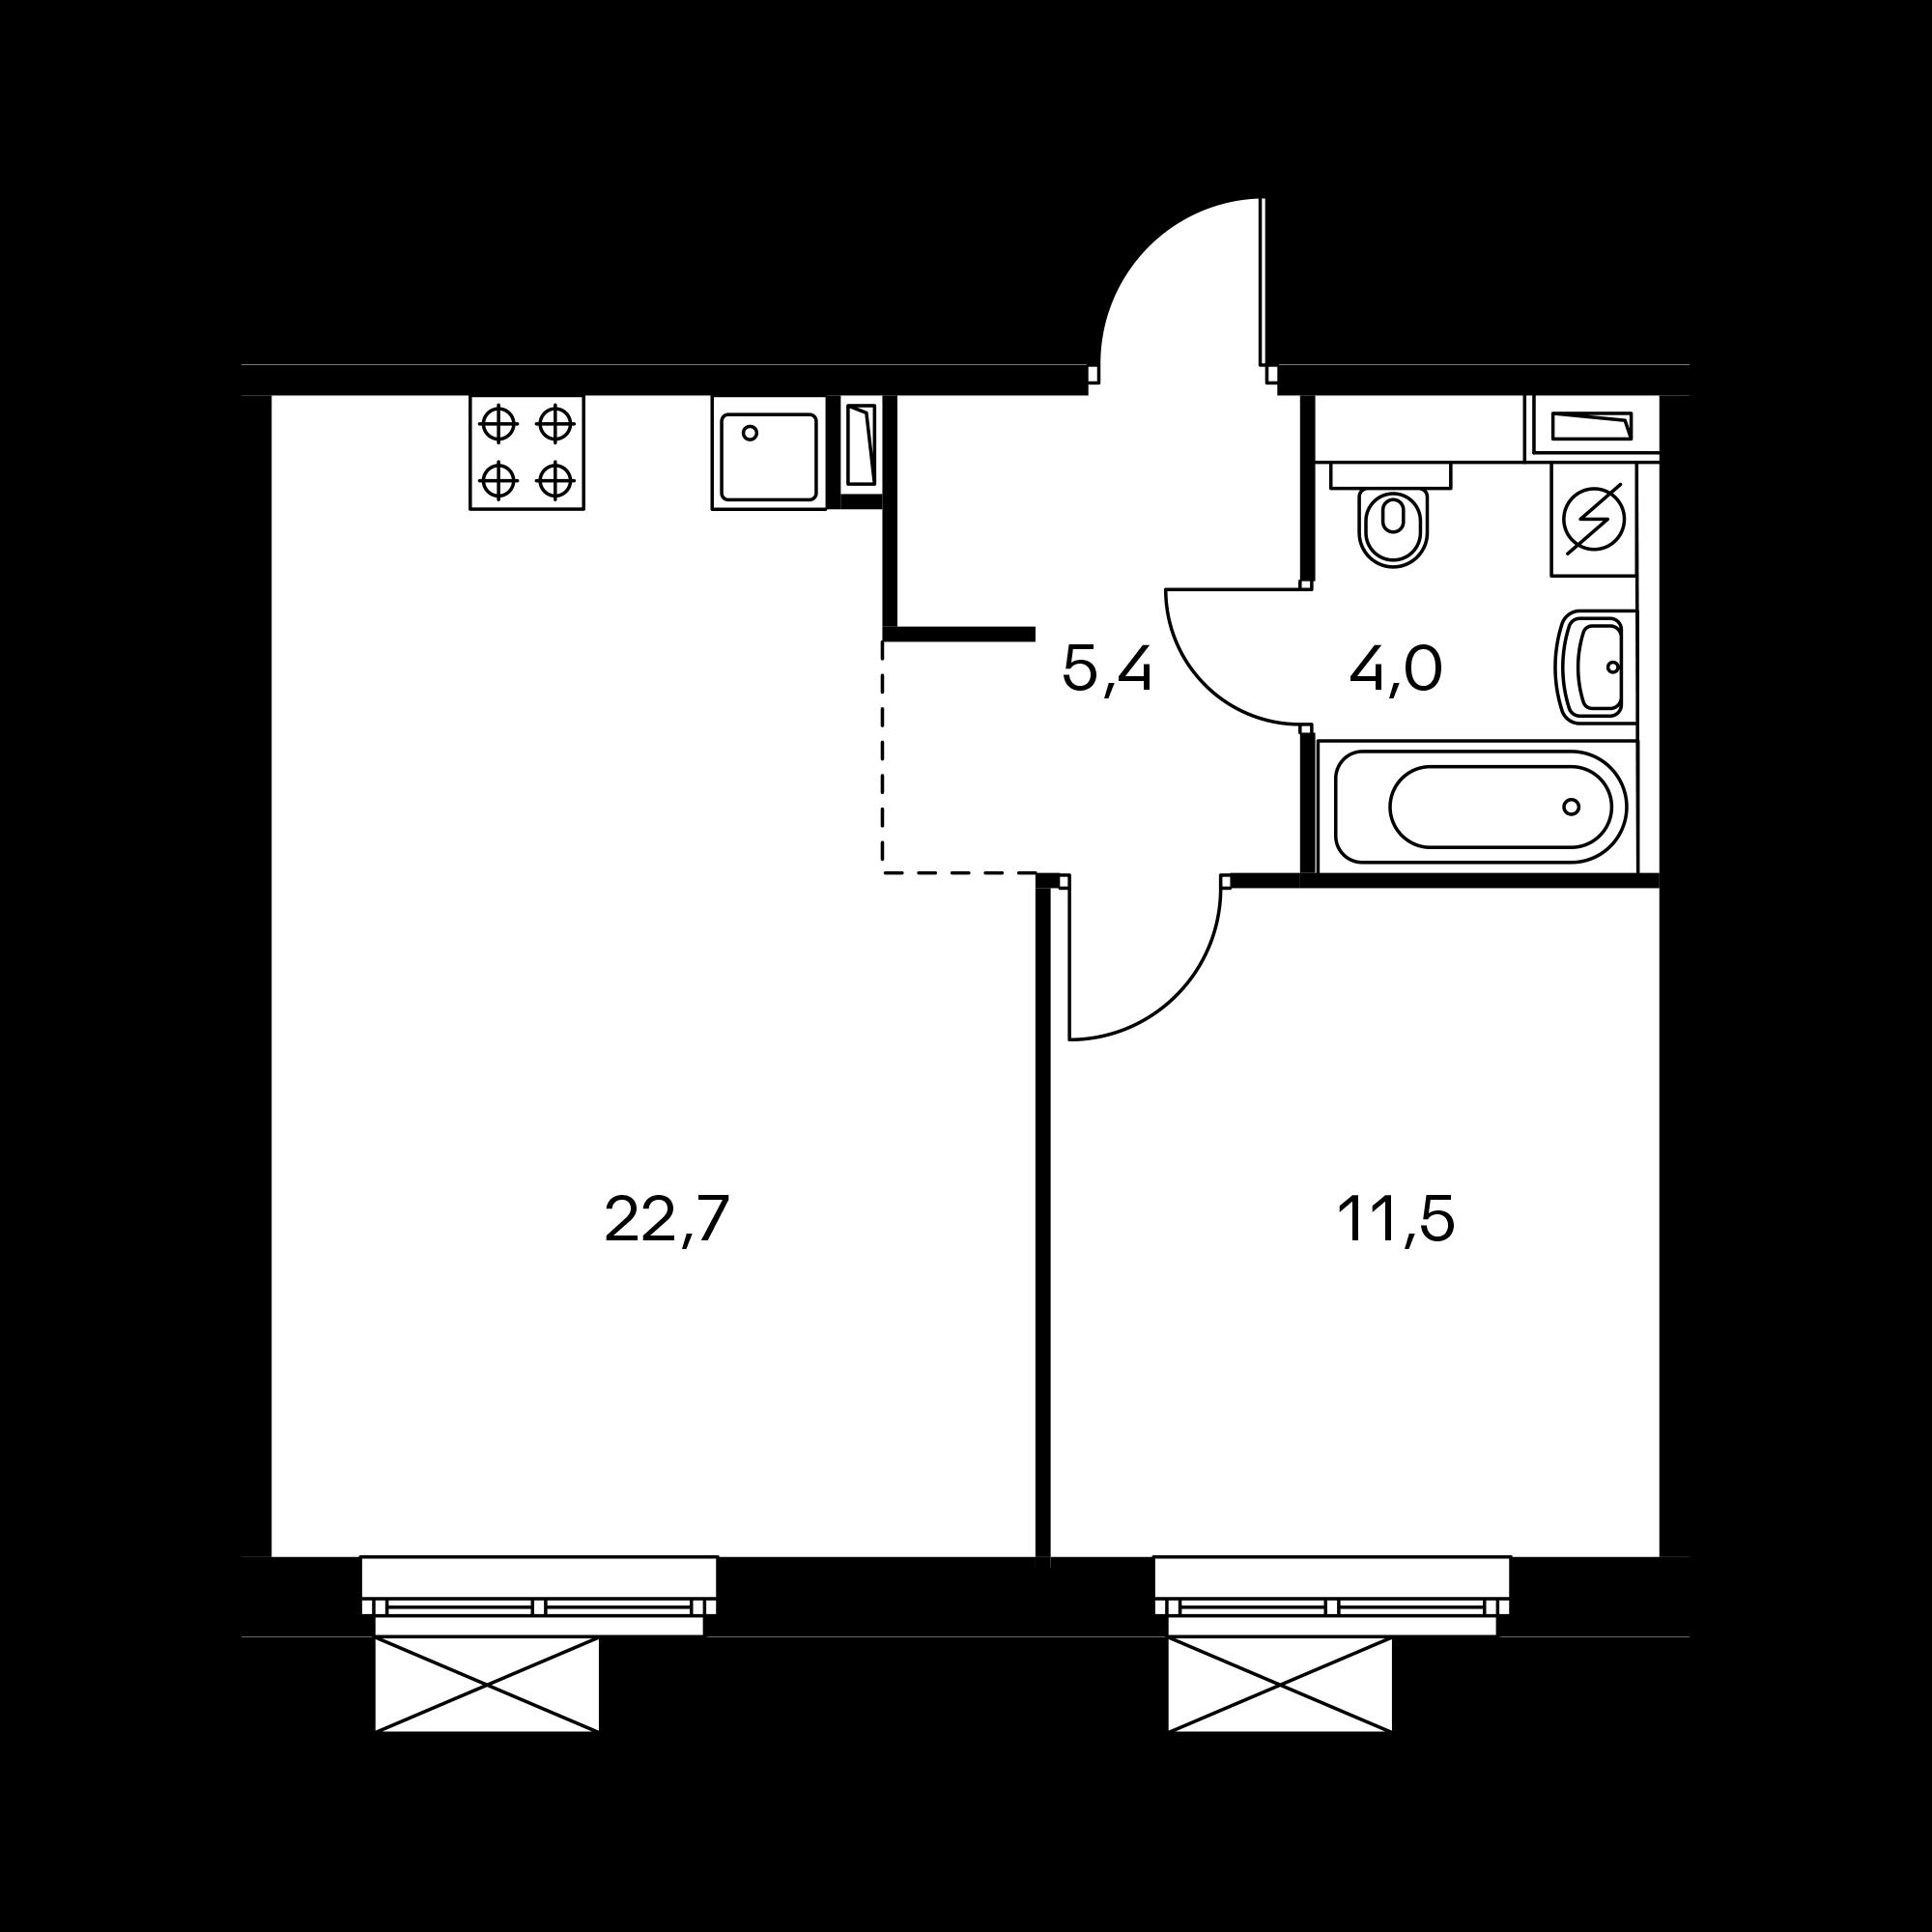 1EL5_7.5-2_S_Z